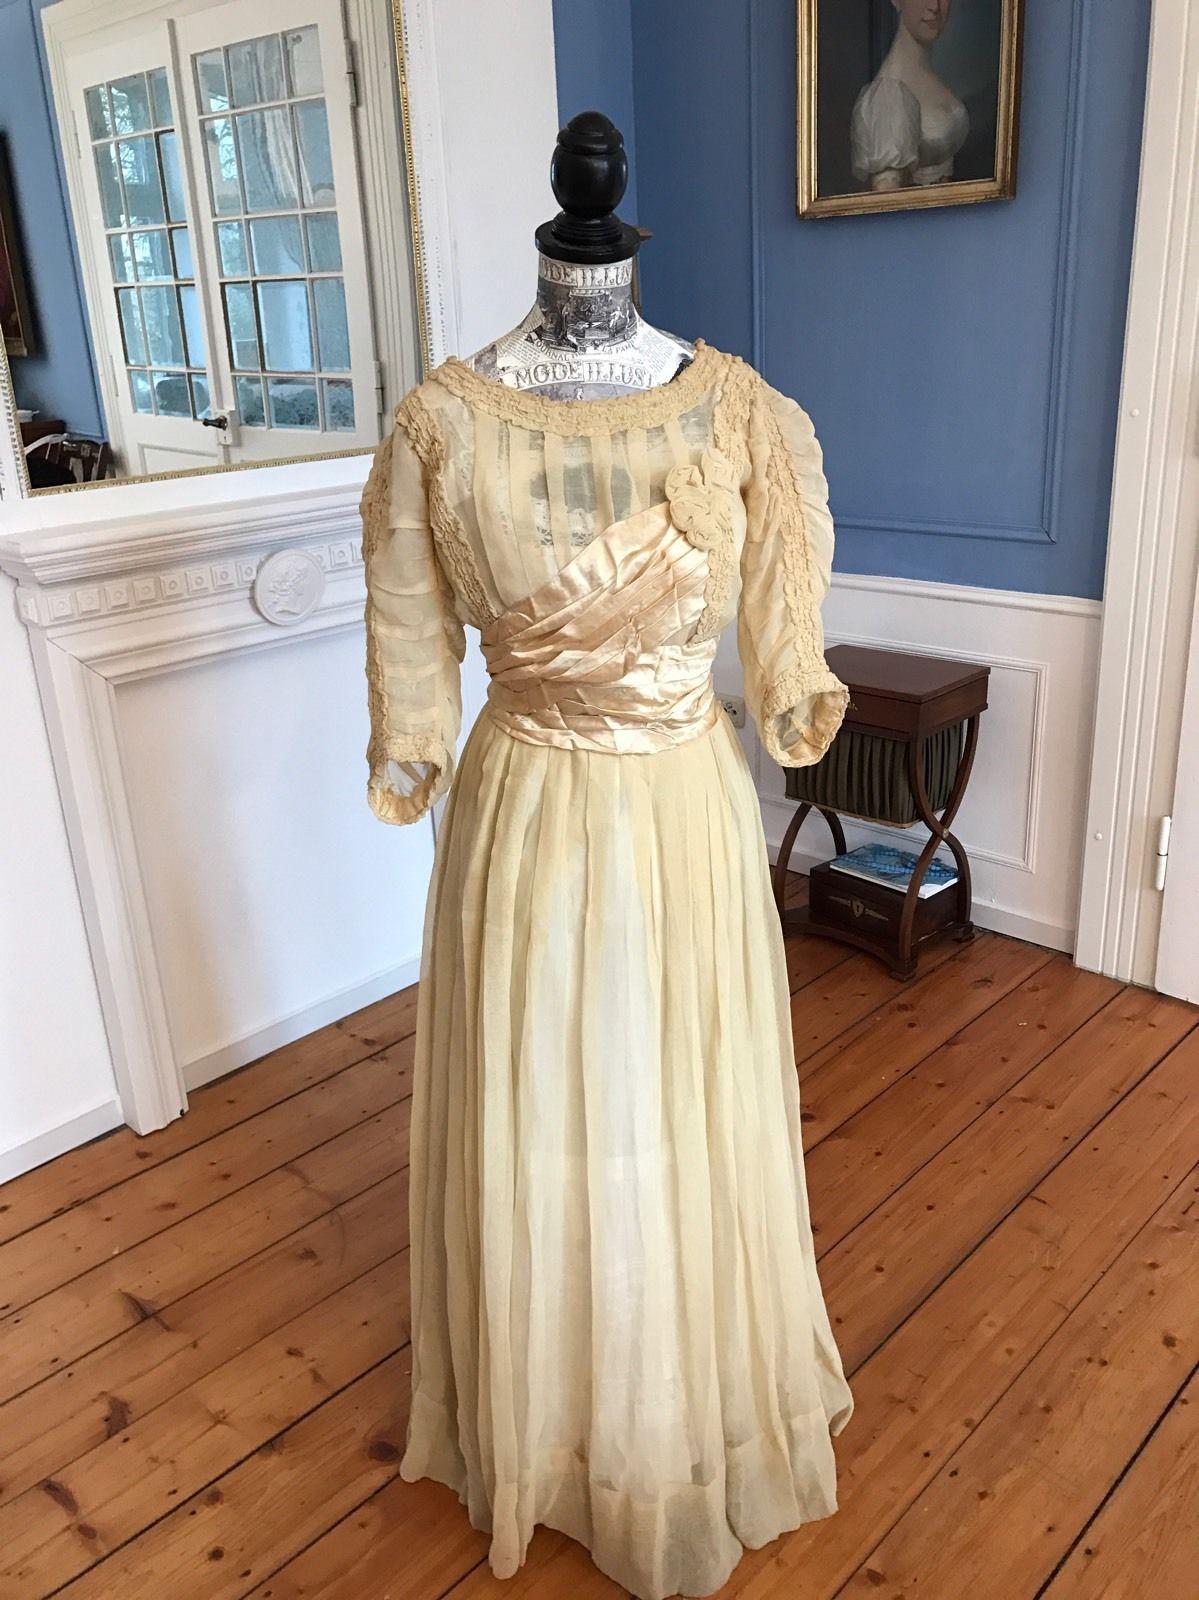 Antikes 2019 1910Ebay Um In Jugendstil Kleid Kleider RjL3Aq54